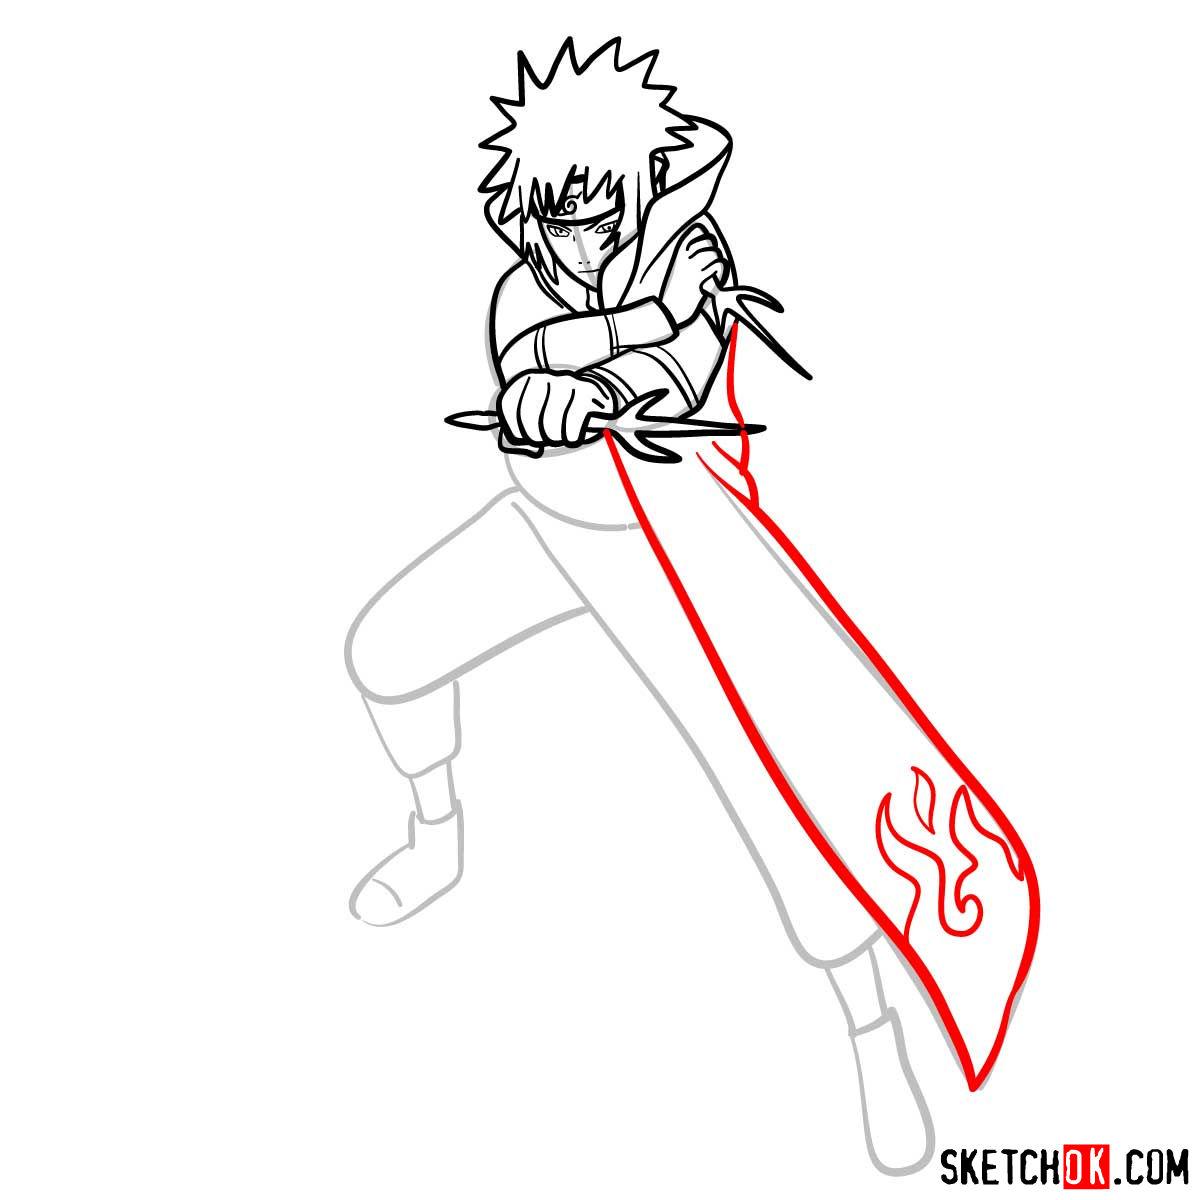 How to draw Minato Namikaze from Naruto anime - step 11